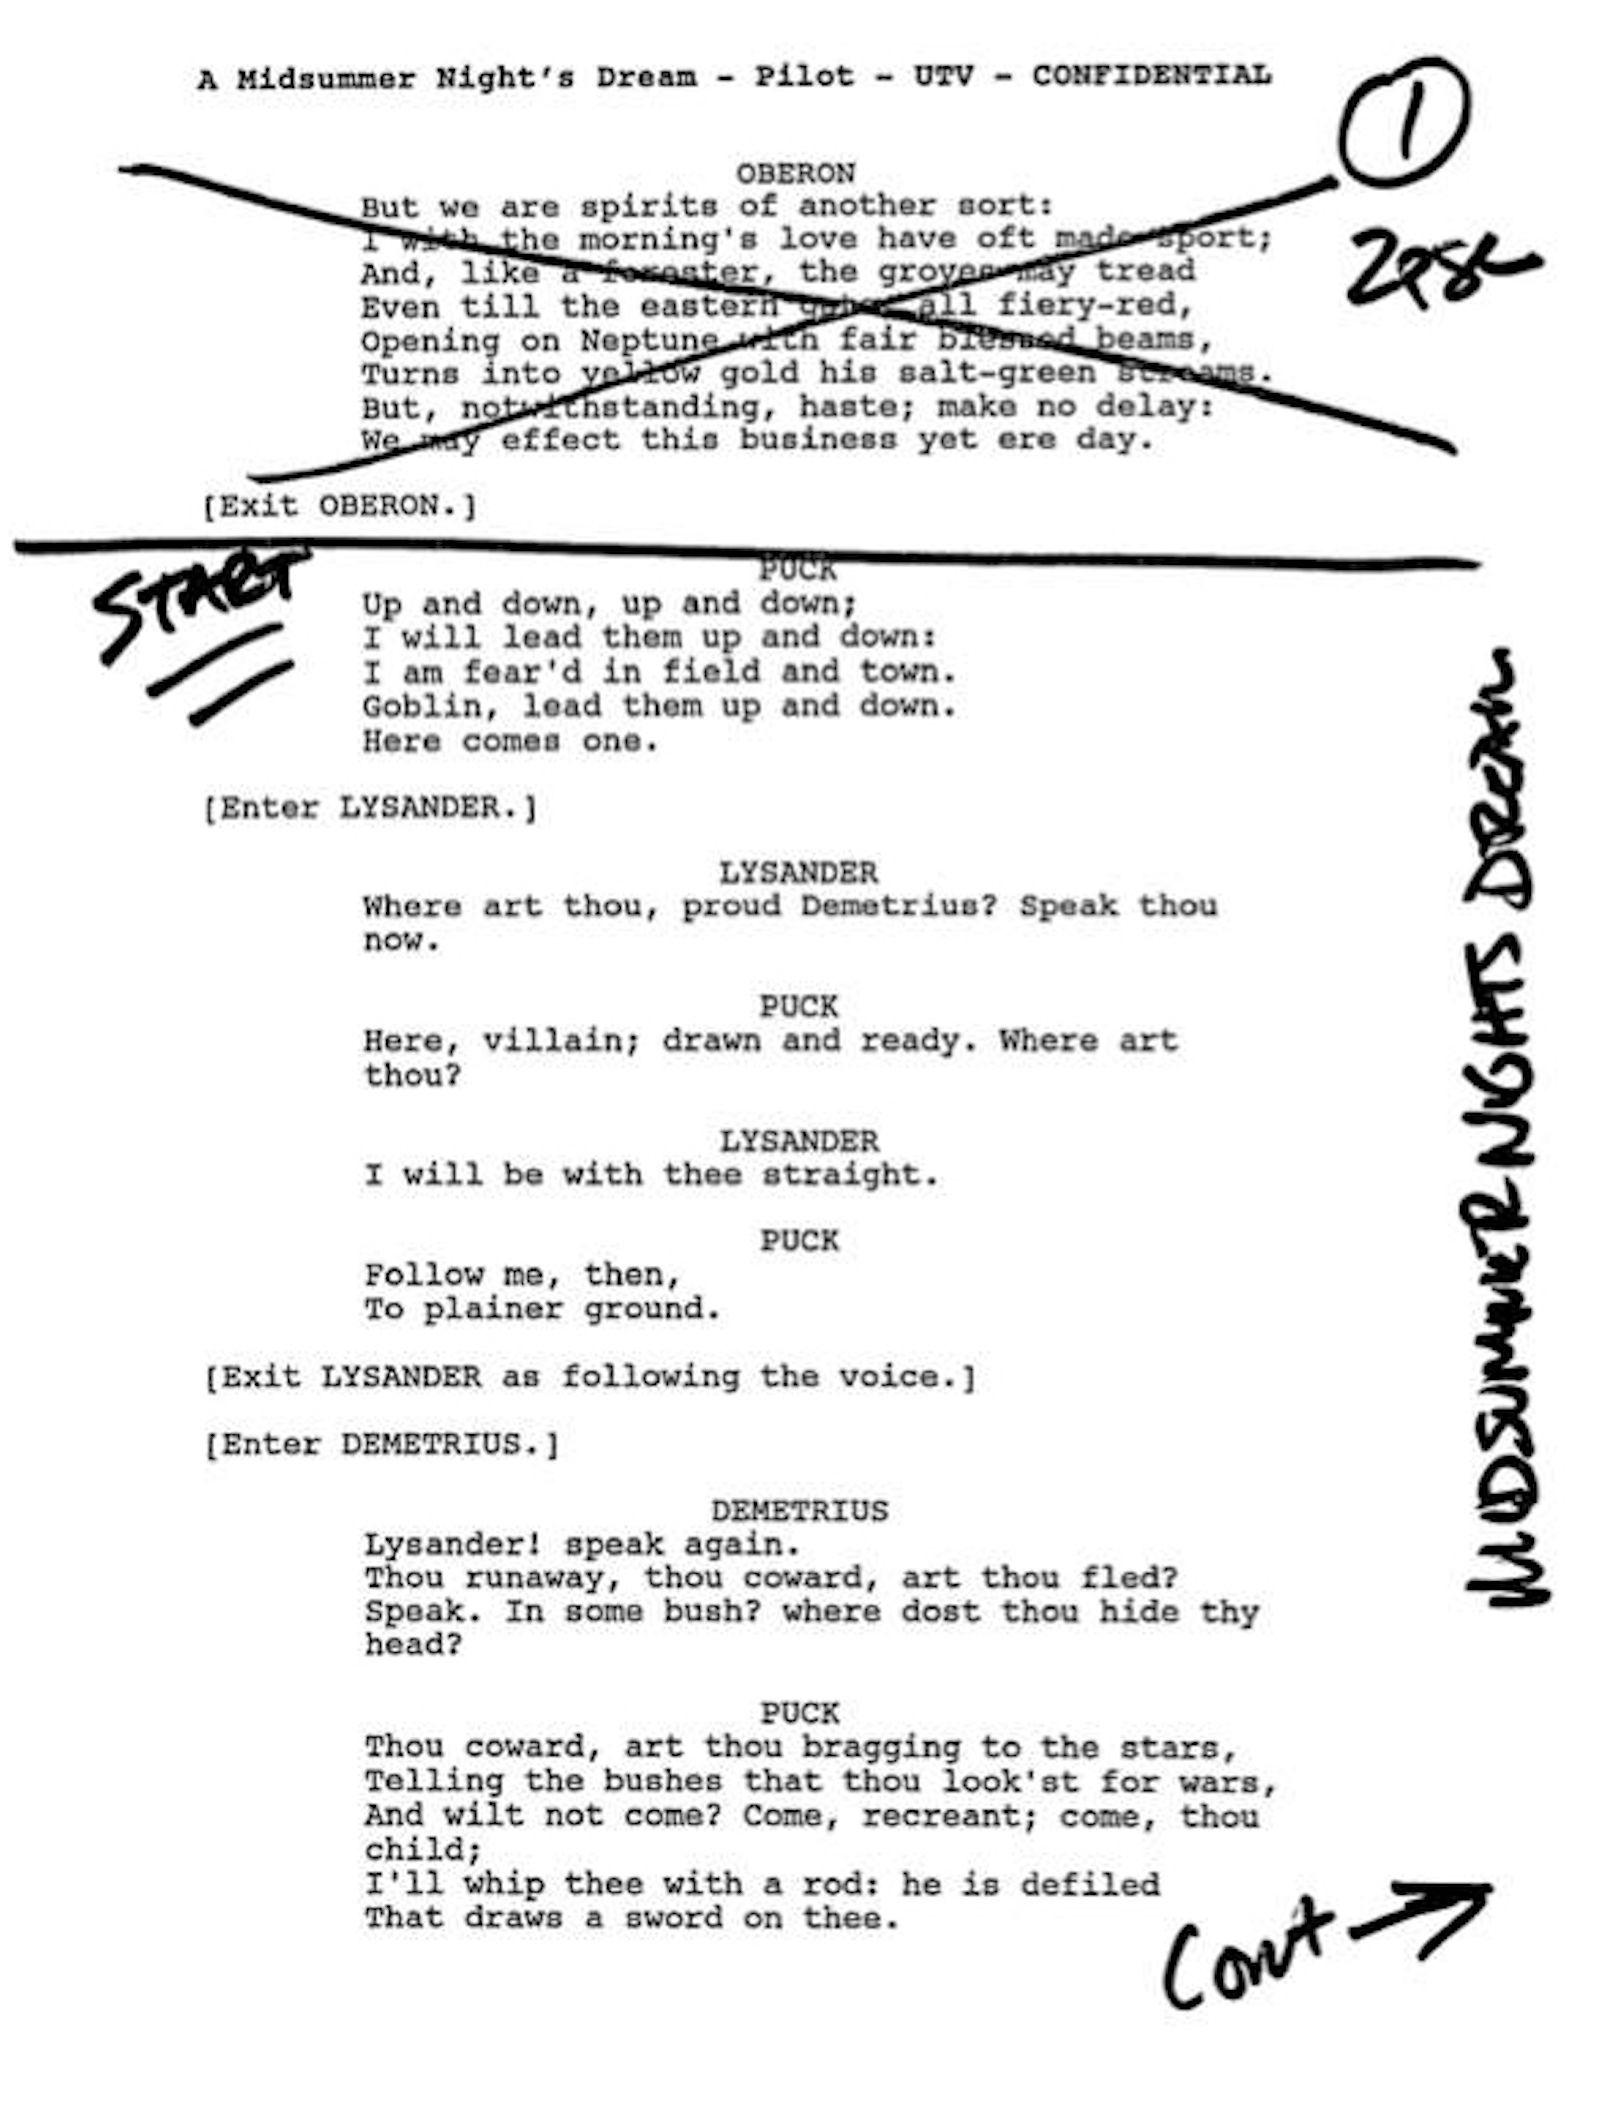 Pin On Screenwriting